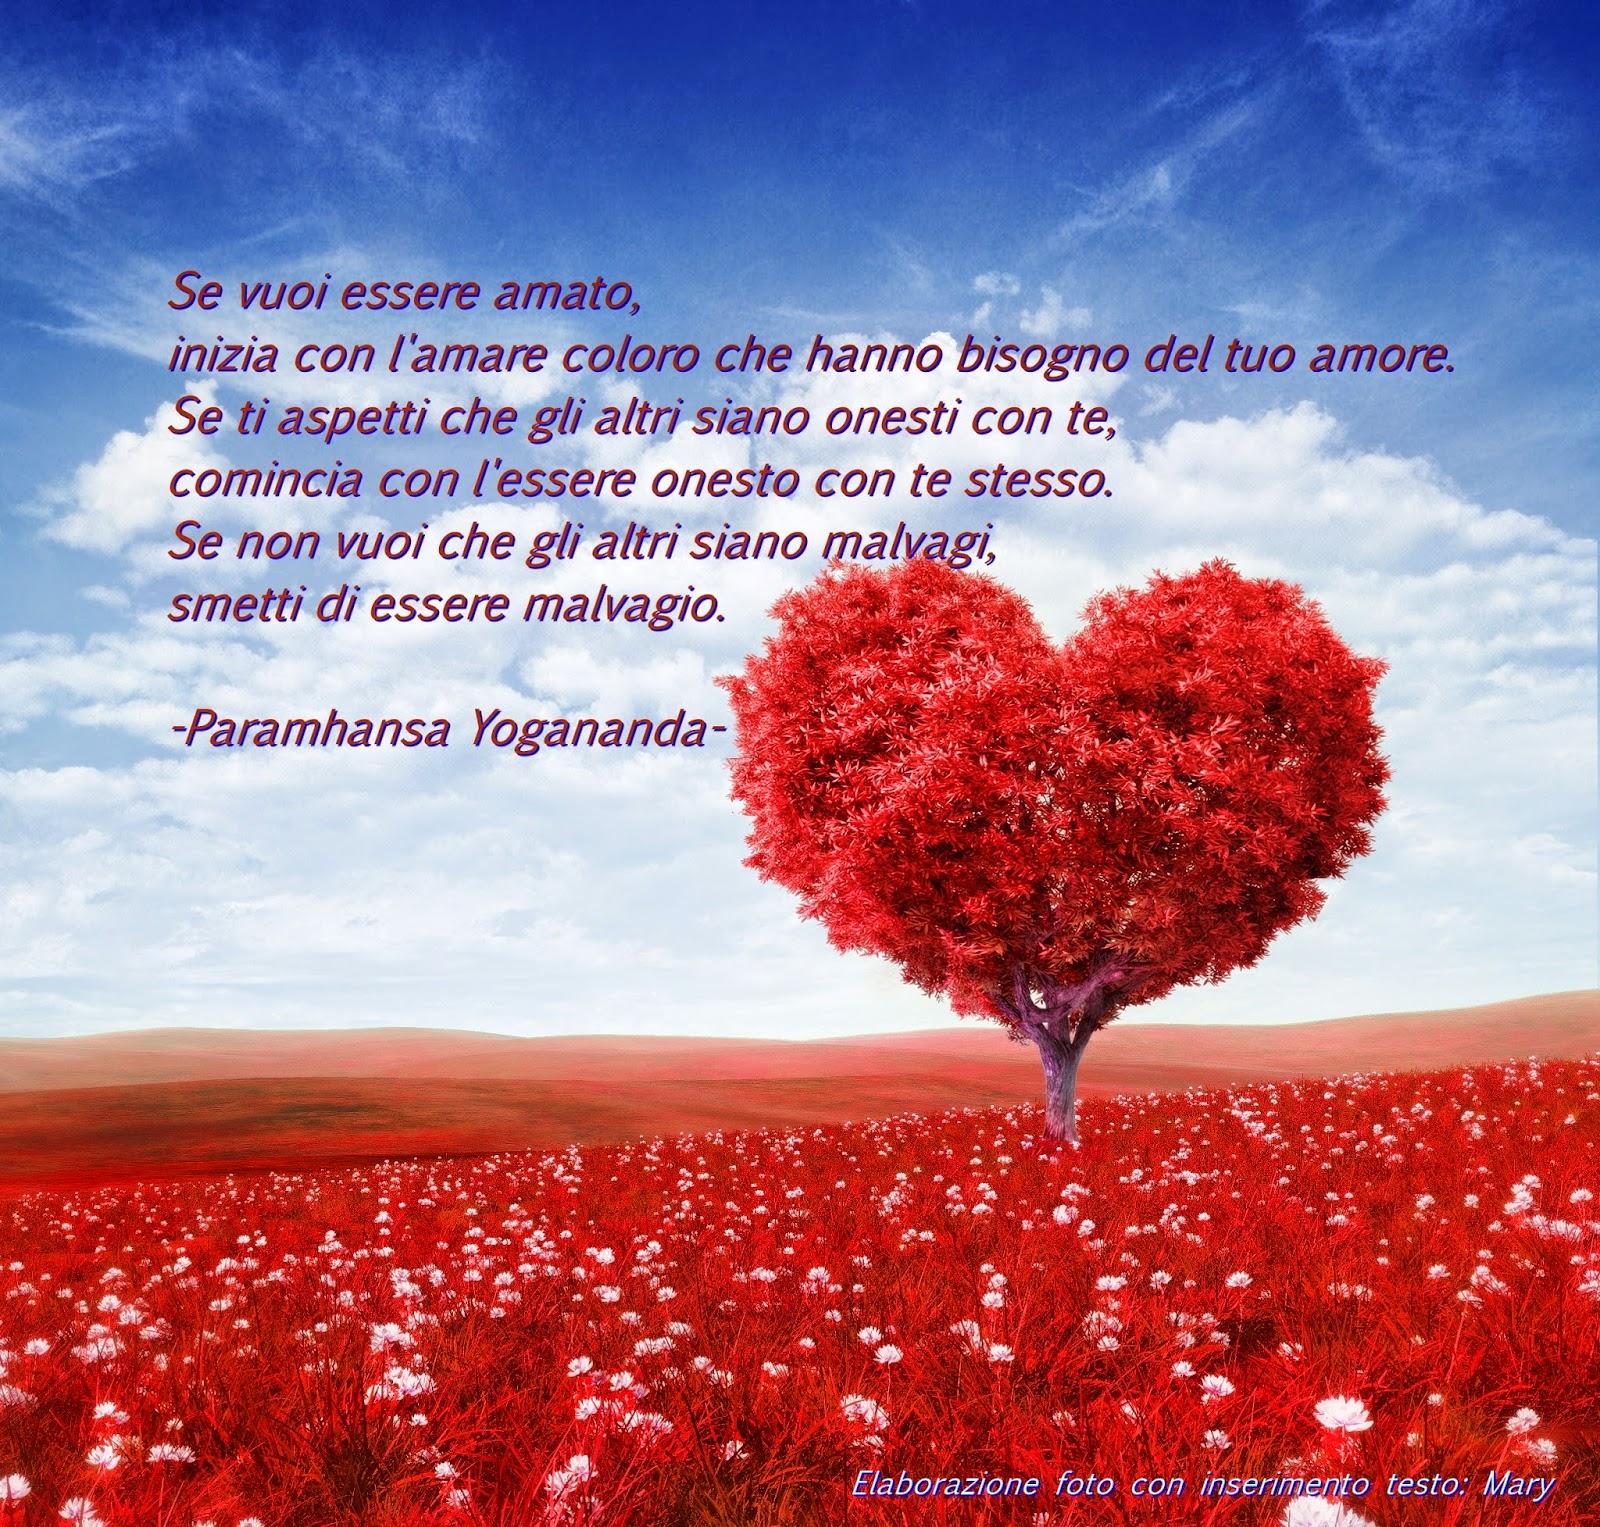 Frasi Amicizia Yogananda.Frasi Buddiste Sull Amore